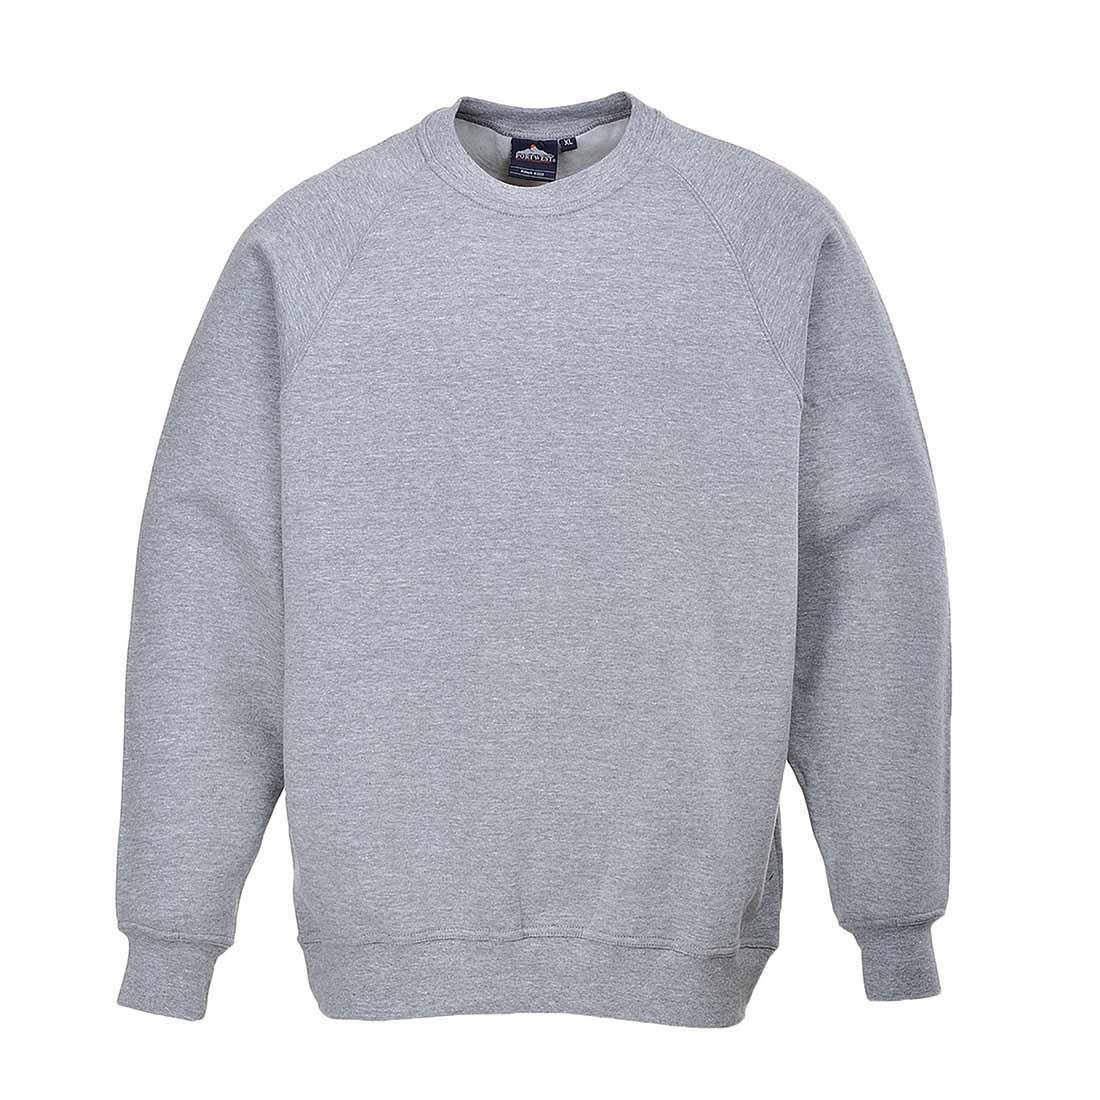 Portwest B300 Roma Sweatshirt –  Pack of 1, blue, B300DNRM B300 - Roma Sweatshirt